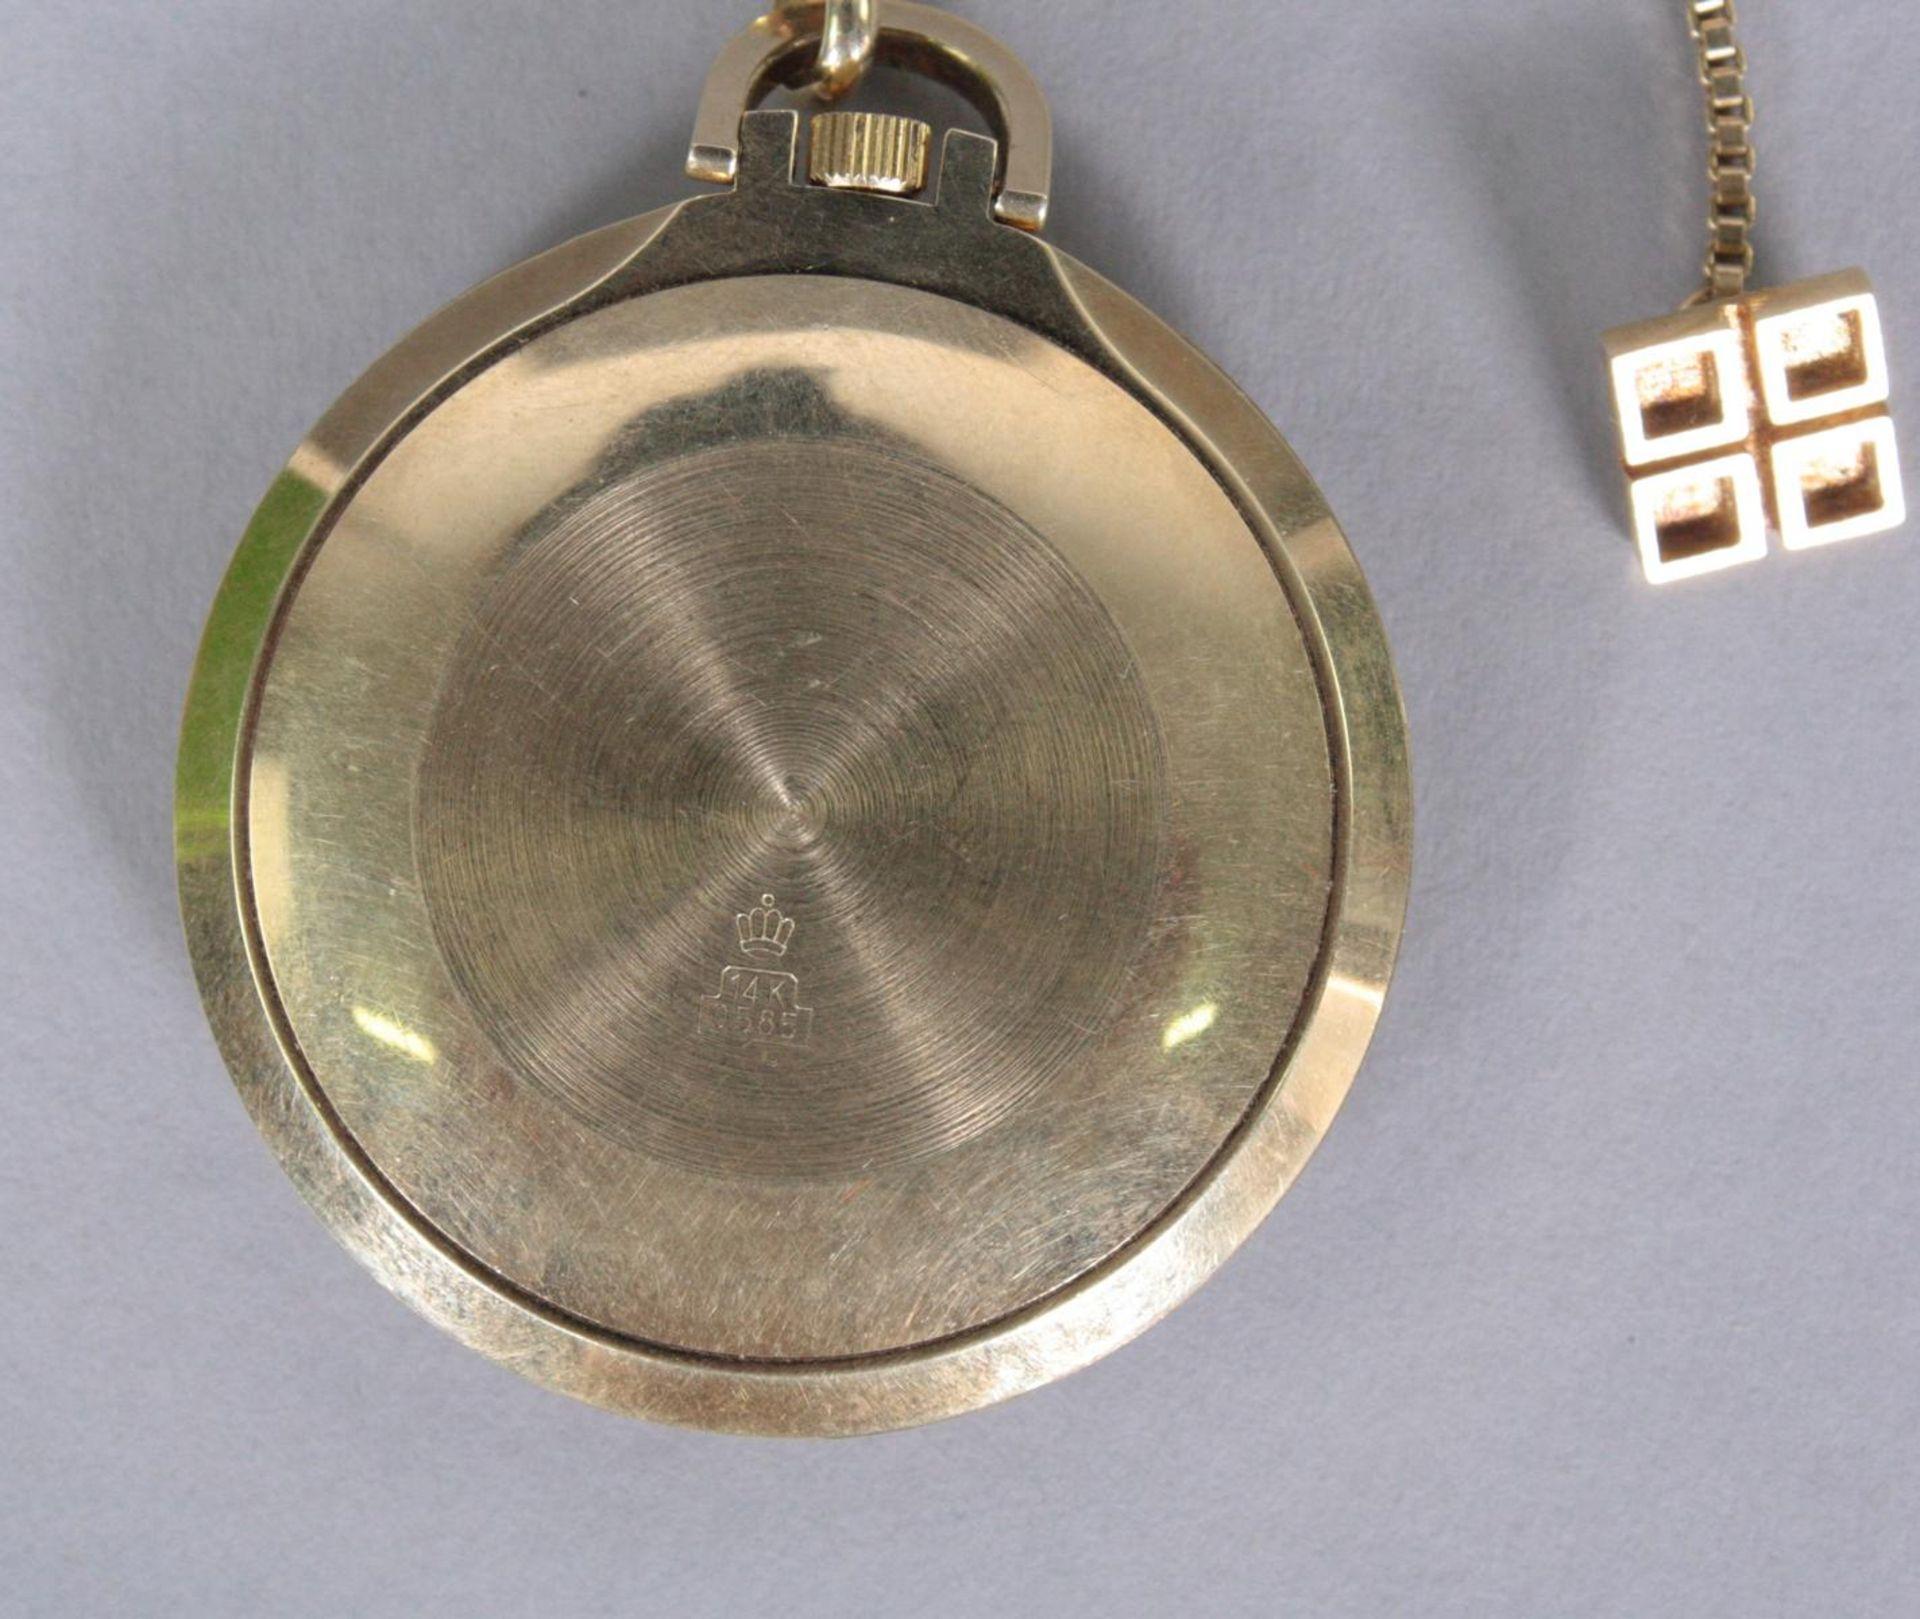 Taschenuhr mit Uhrenkette, 14 Karat Gelbgold - Bild 3 aus 3